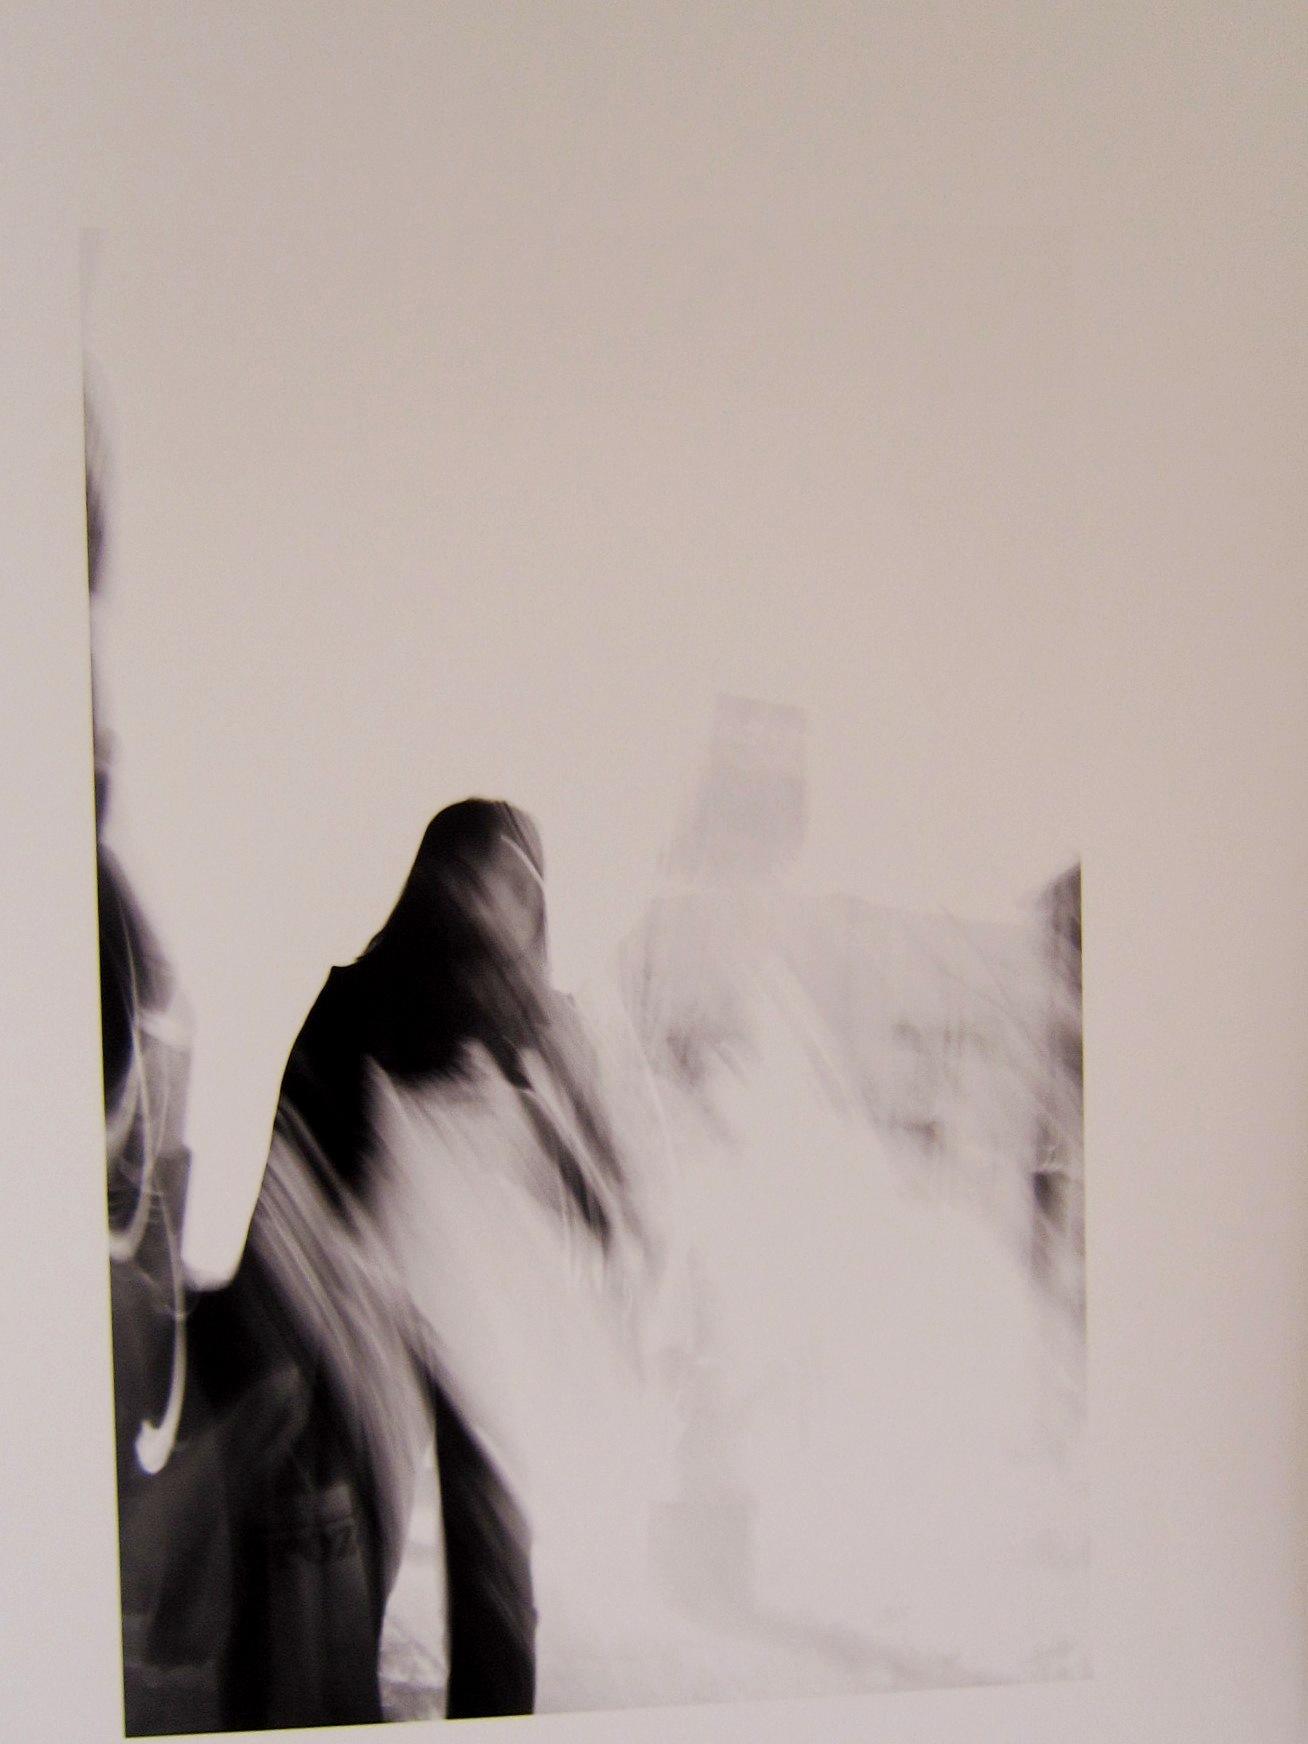 2393)「山岸せいじ展 あわいを覗く」 北広島市・黒い森美術館 終了/4月28.29.30日&5月5.6.7日_f0126829_17275498.jpg